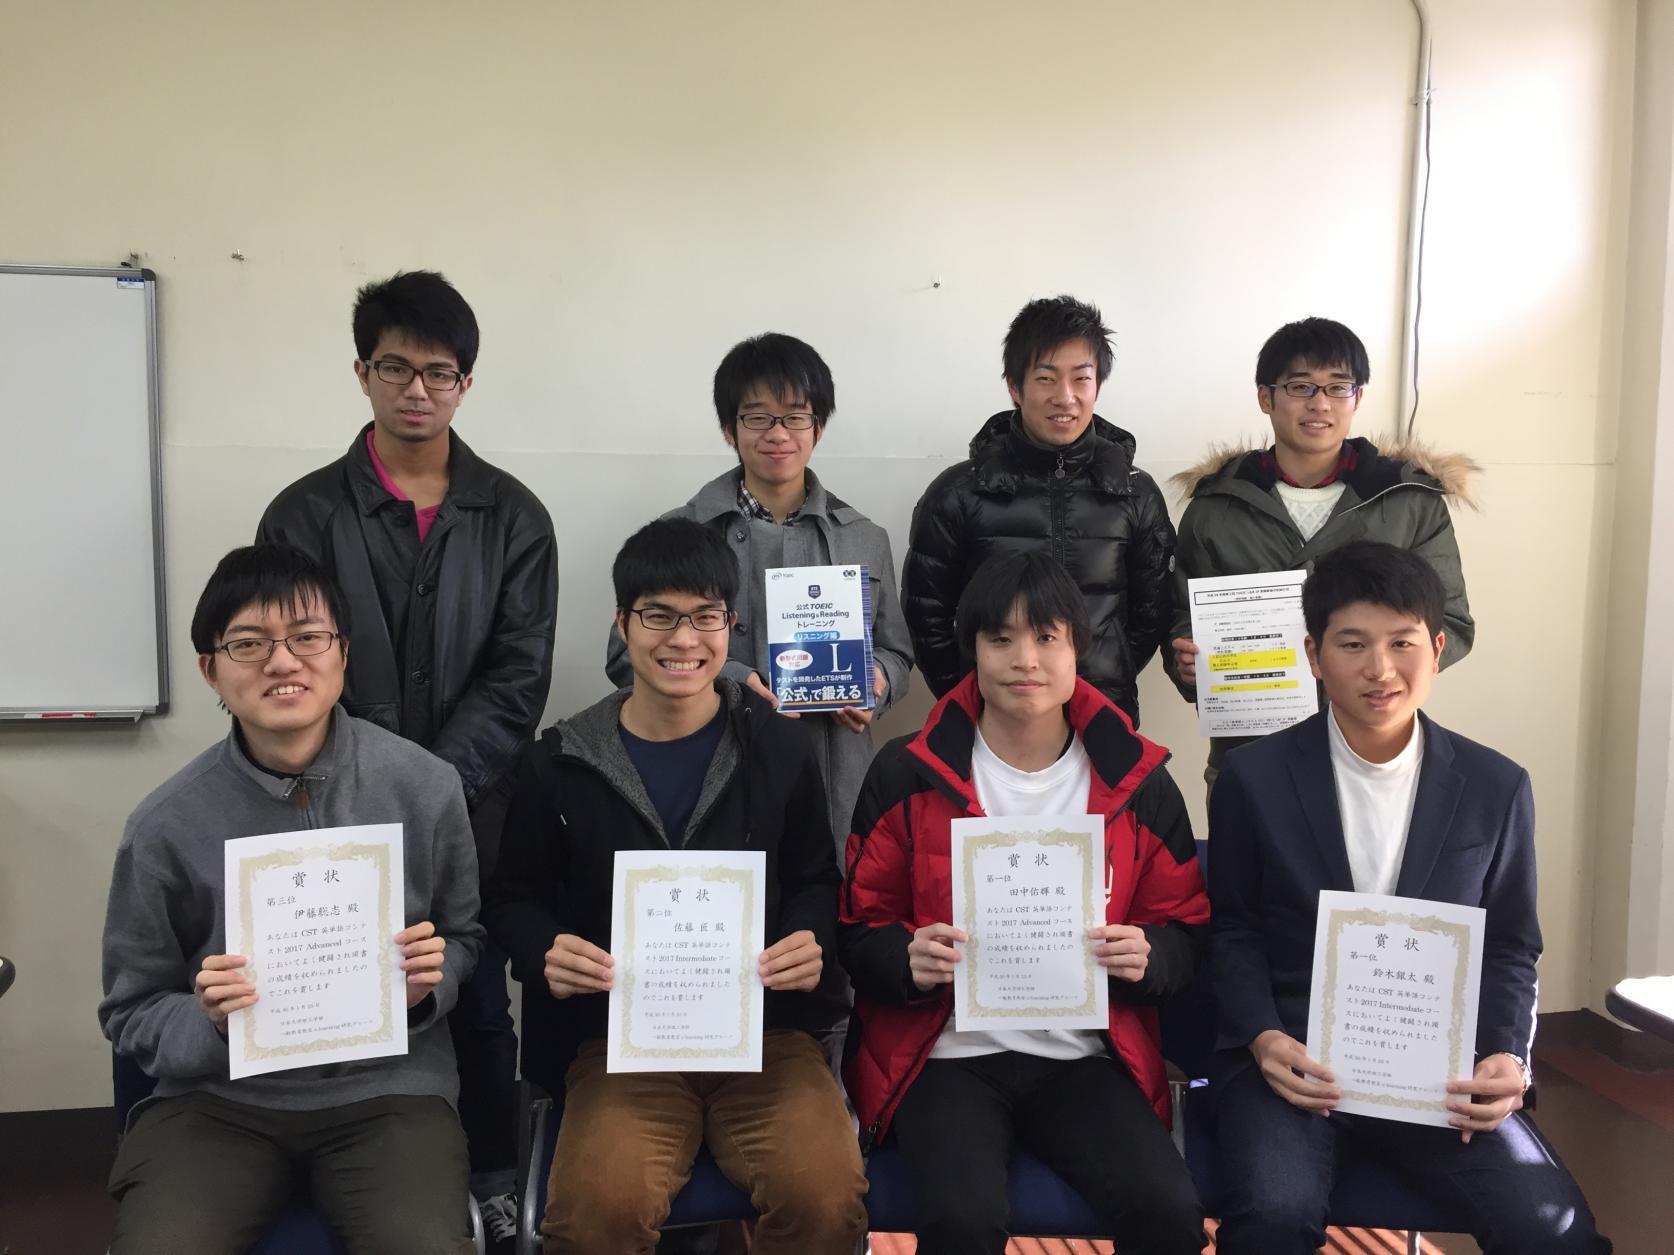 機械工学科1年田中佑輝さん(Advancedコース)、 物質応用化学科1年鈴木銀太さん(Intermediateコース)、物理学科1年橋口舜一さん(Basicコース)が、「CST英単語コンテスト2017」において優勝しました。